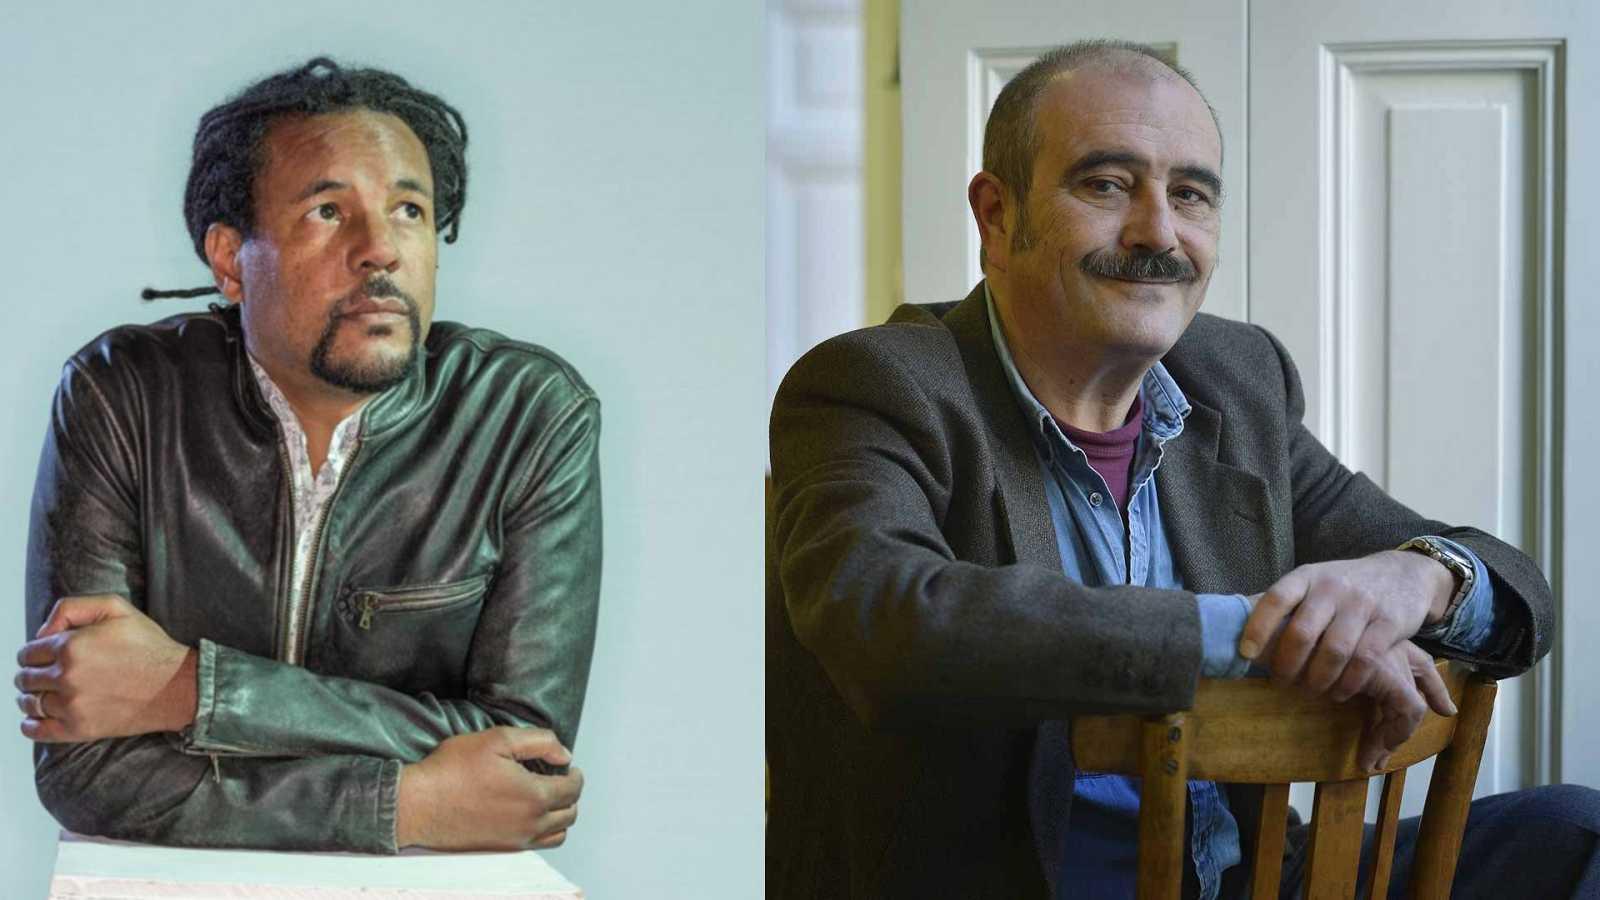 El ojo crítico - Con Rafael Reig y Colson Whitehead - 03/09/20 - escuchar ahora